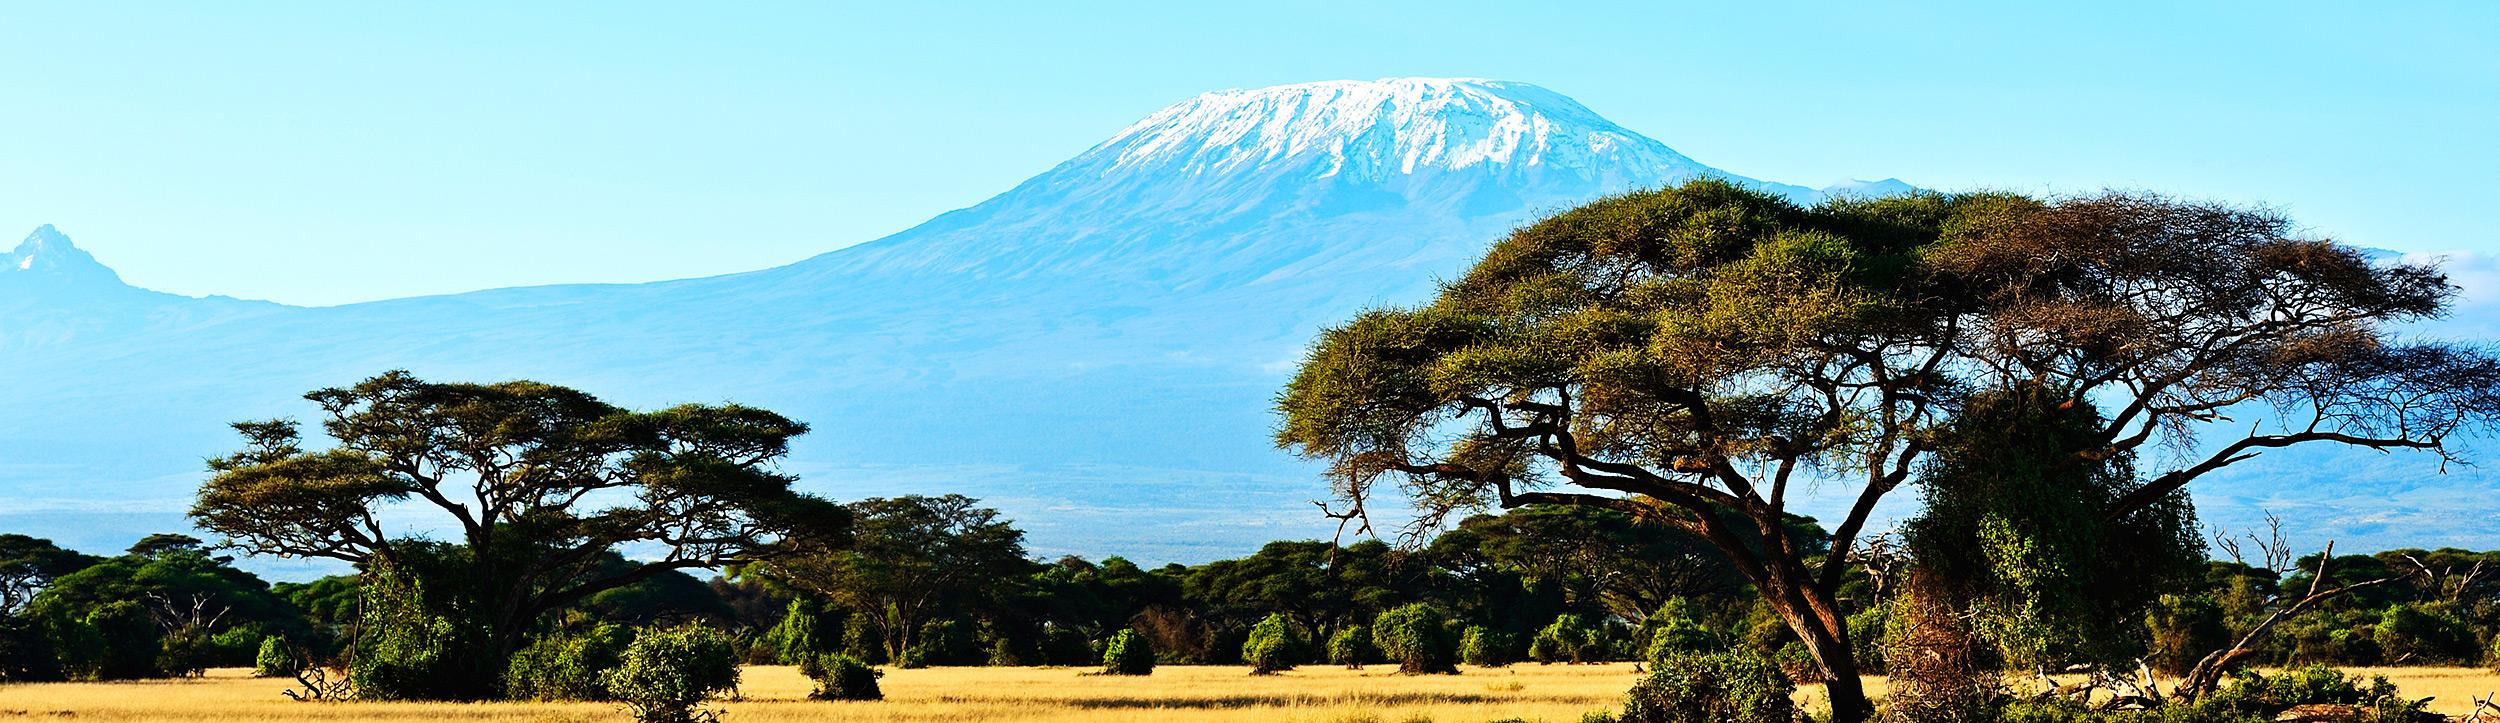 Climb Mount Kilmanjaro Tanzania Safari Mt Kilimajaro